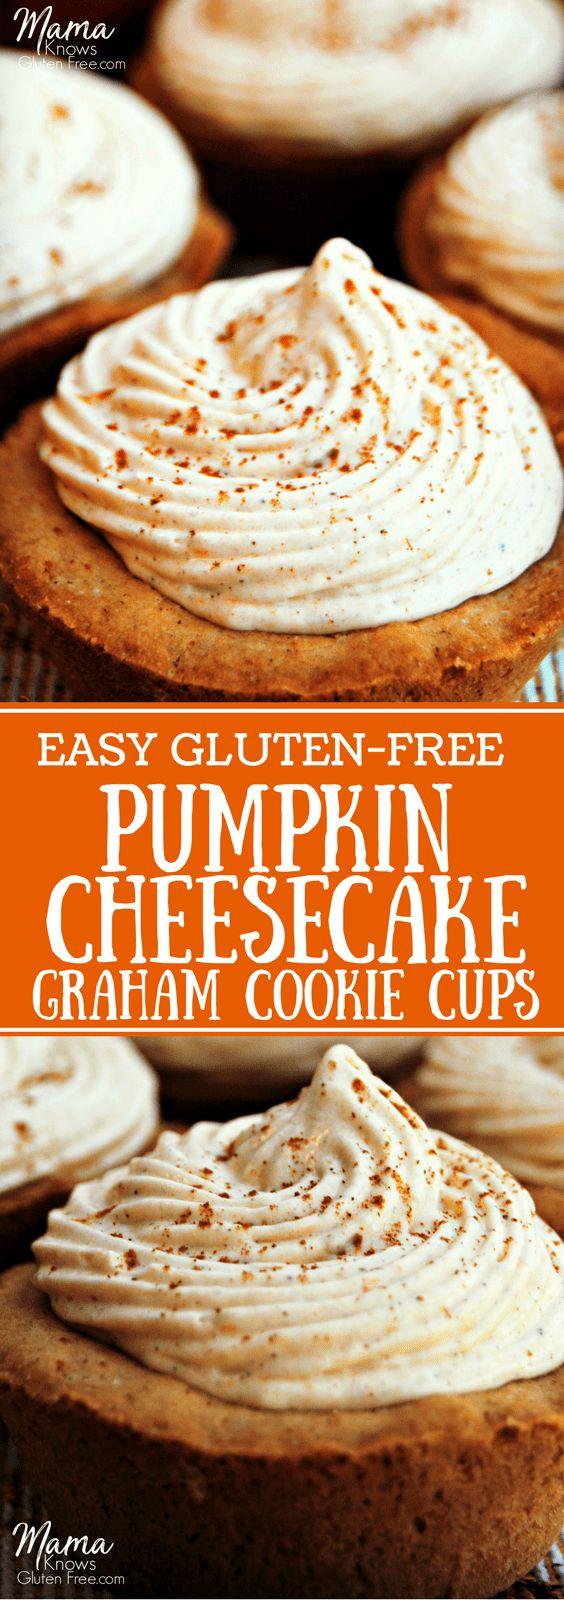 Easy Gluten-Free Pumpkin Cheesecake Graham Cookie Cups